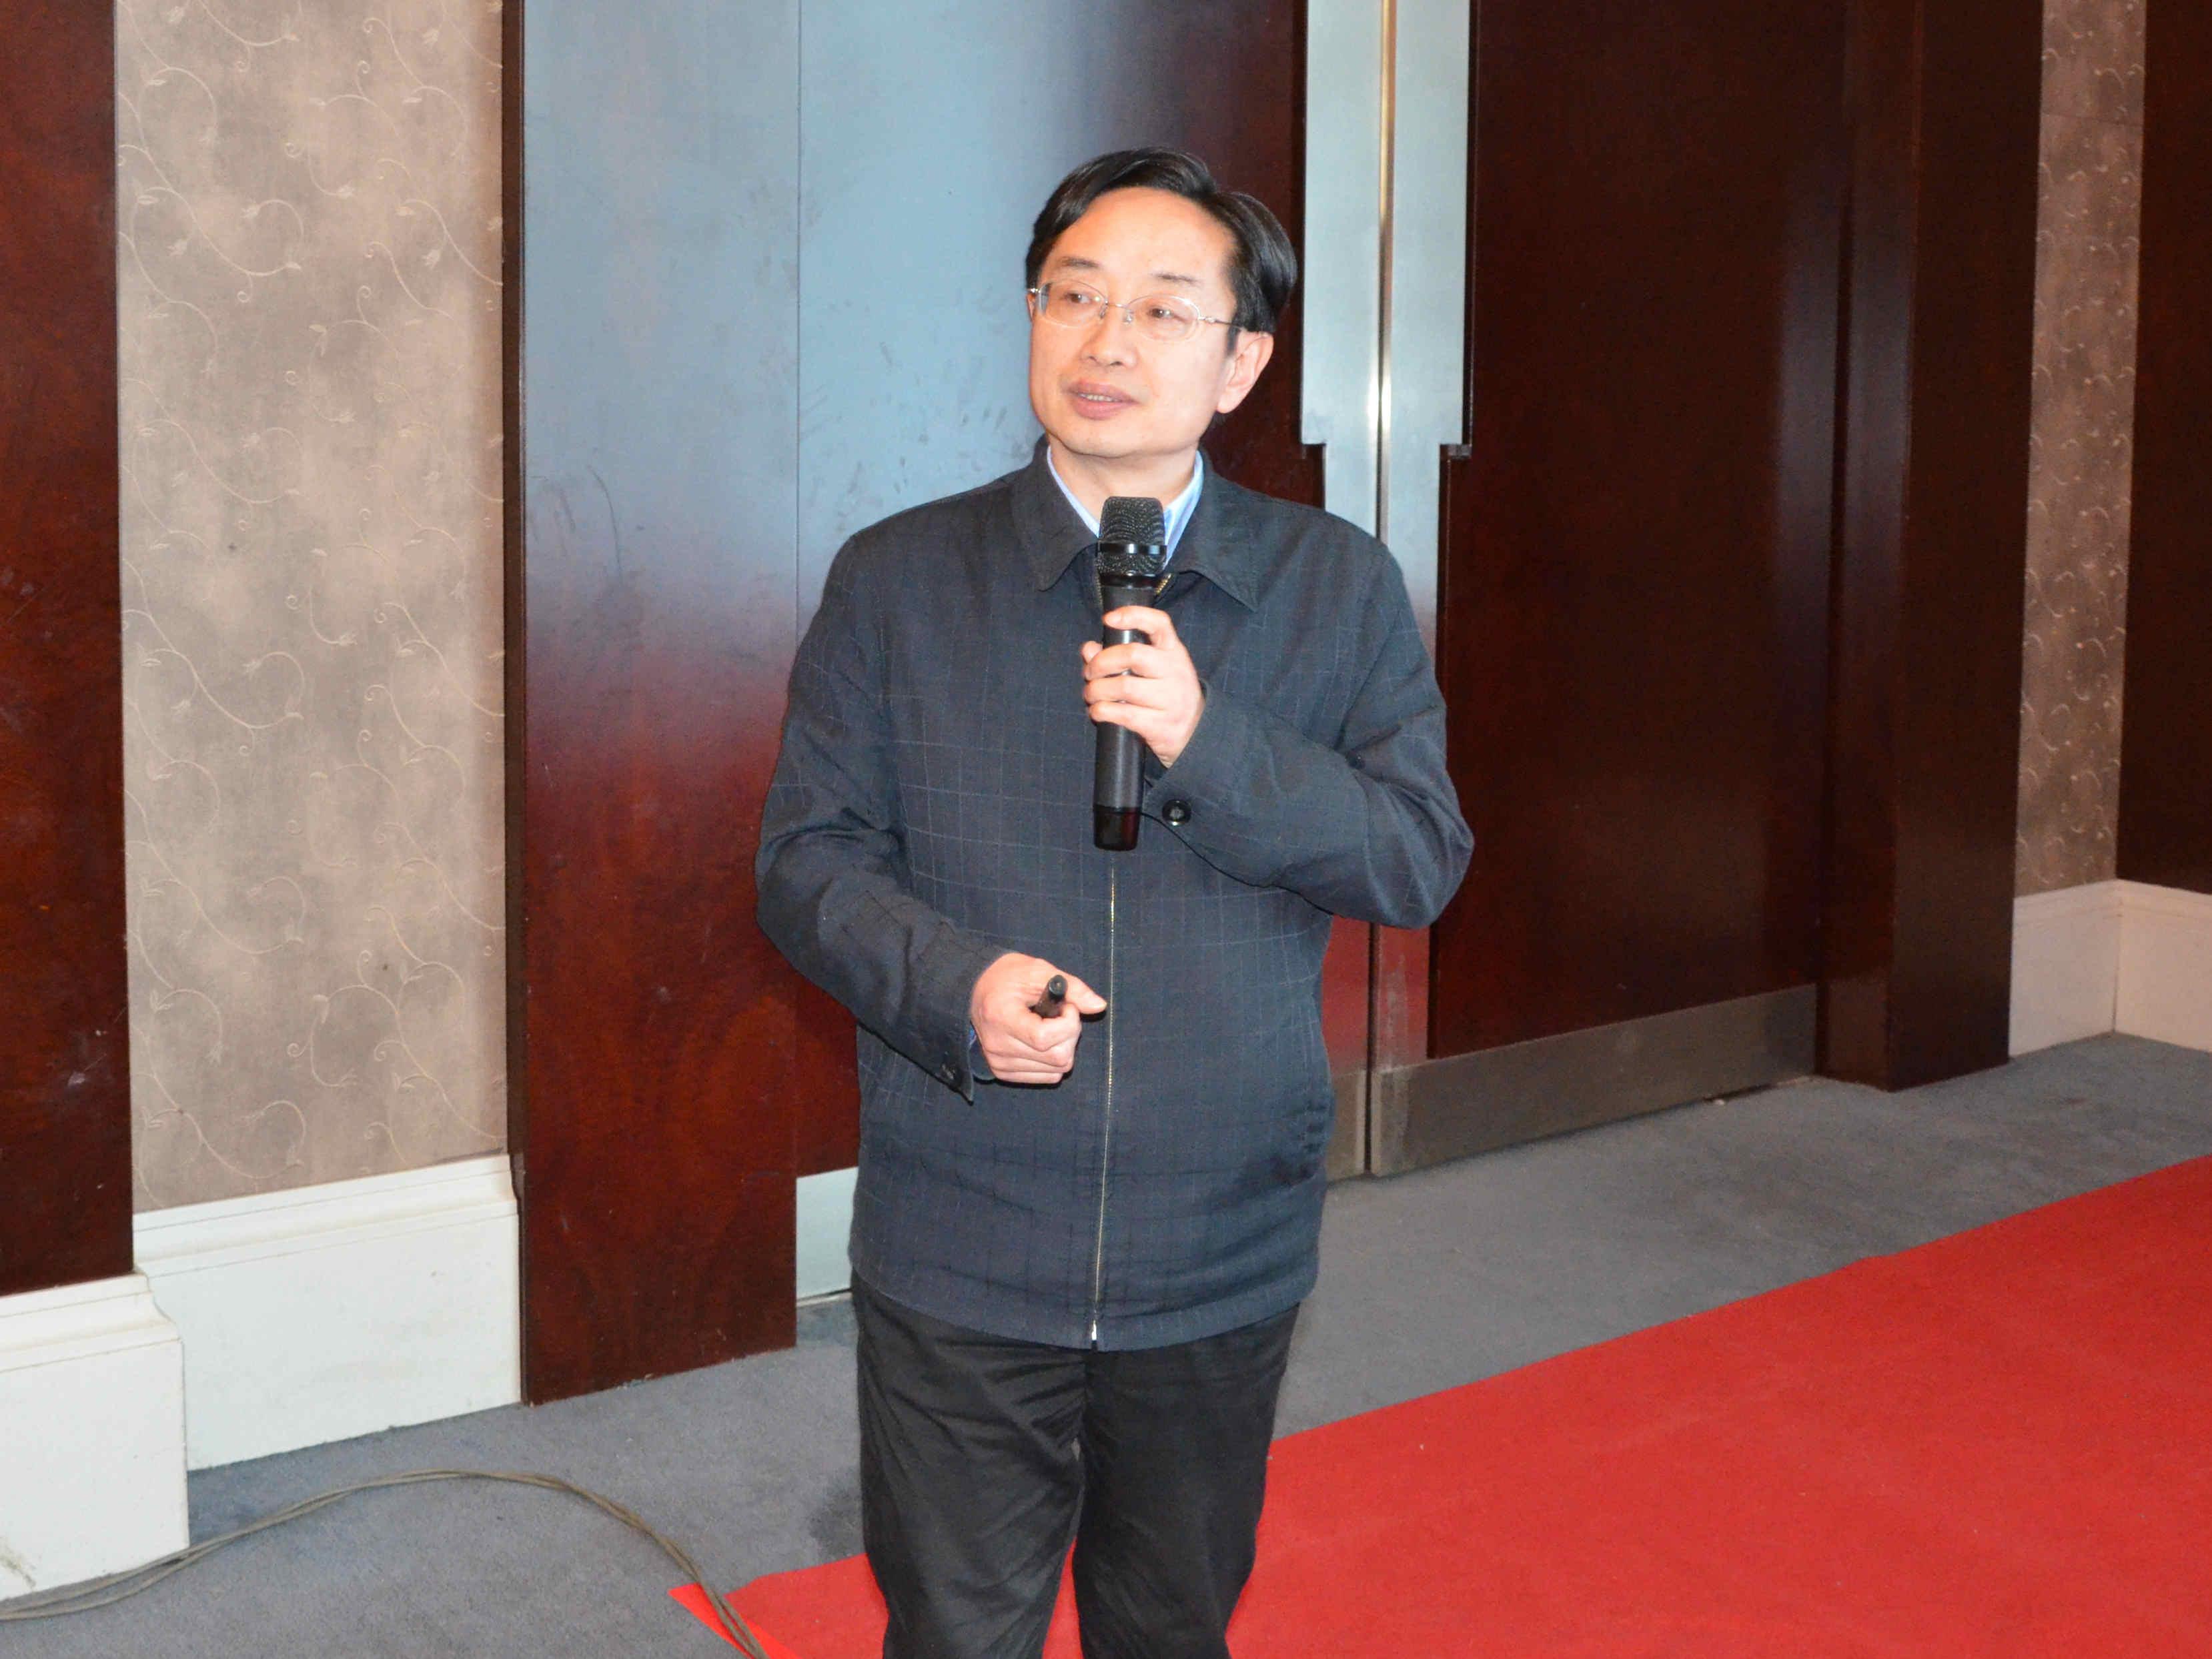 清华大学材料学院教授黄正宏作《石墨矿物环保材料及水处理应用研究》专题报告